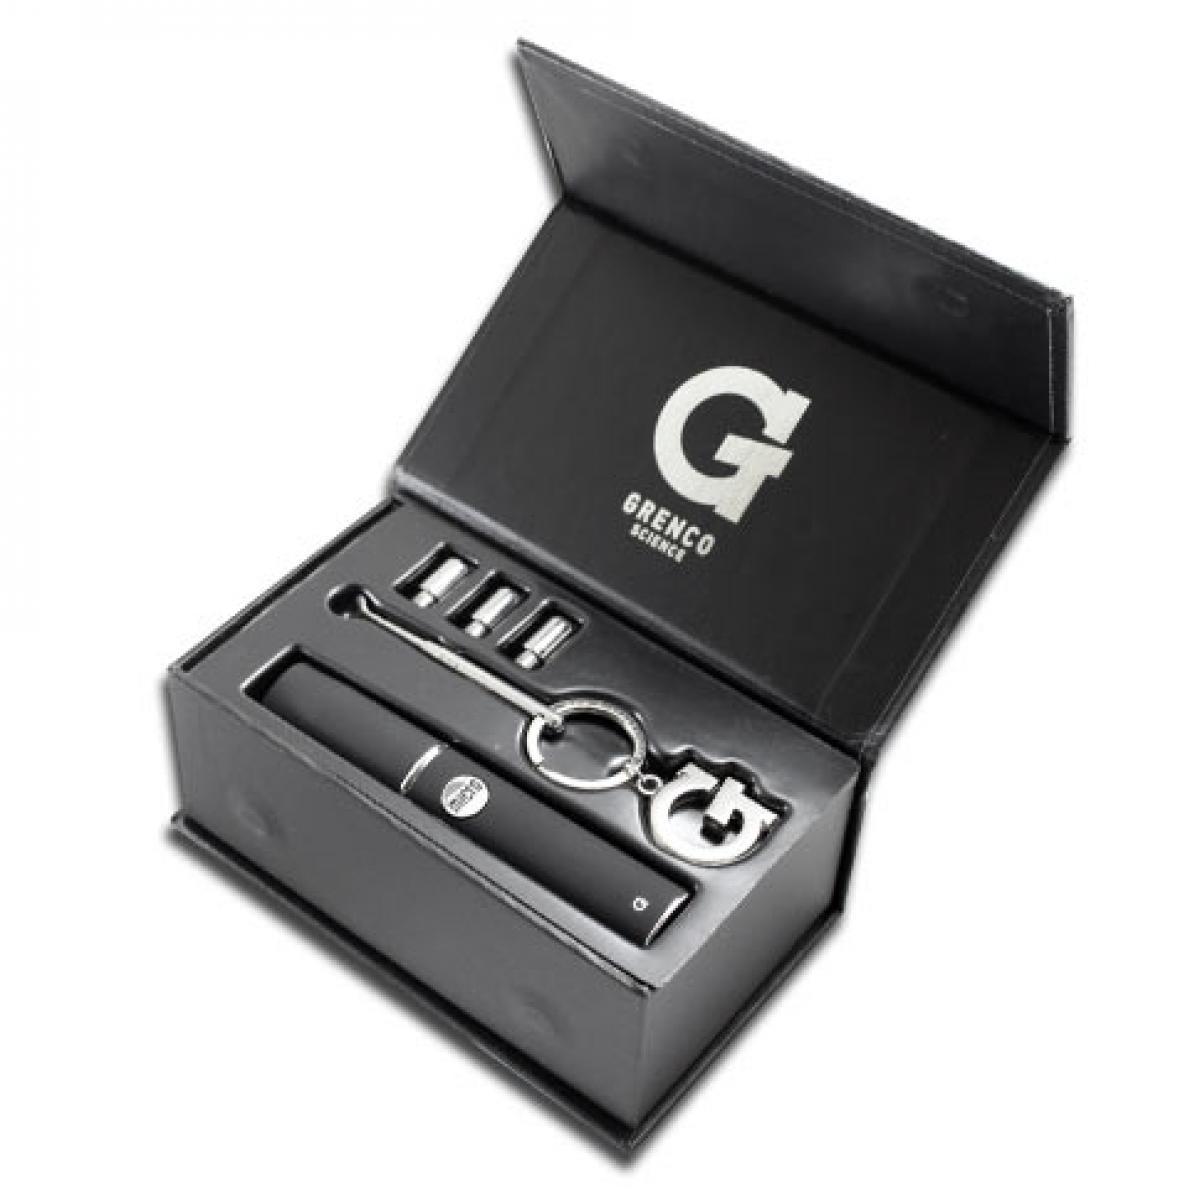 G Pen microG Vaporizer